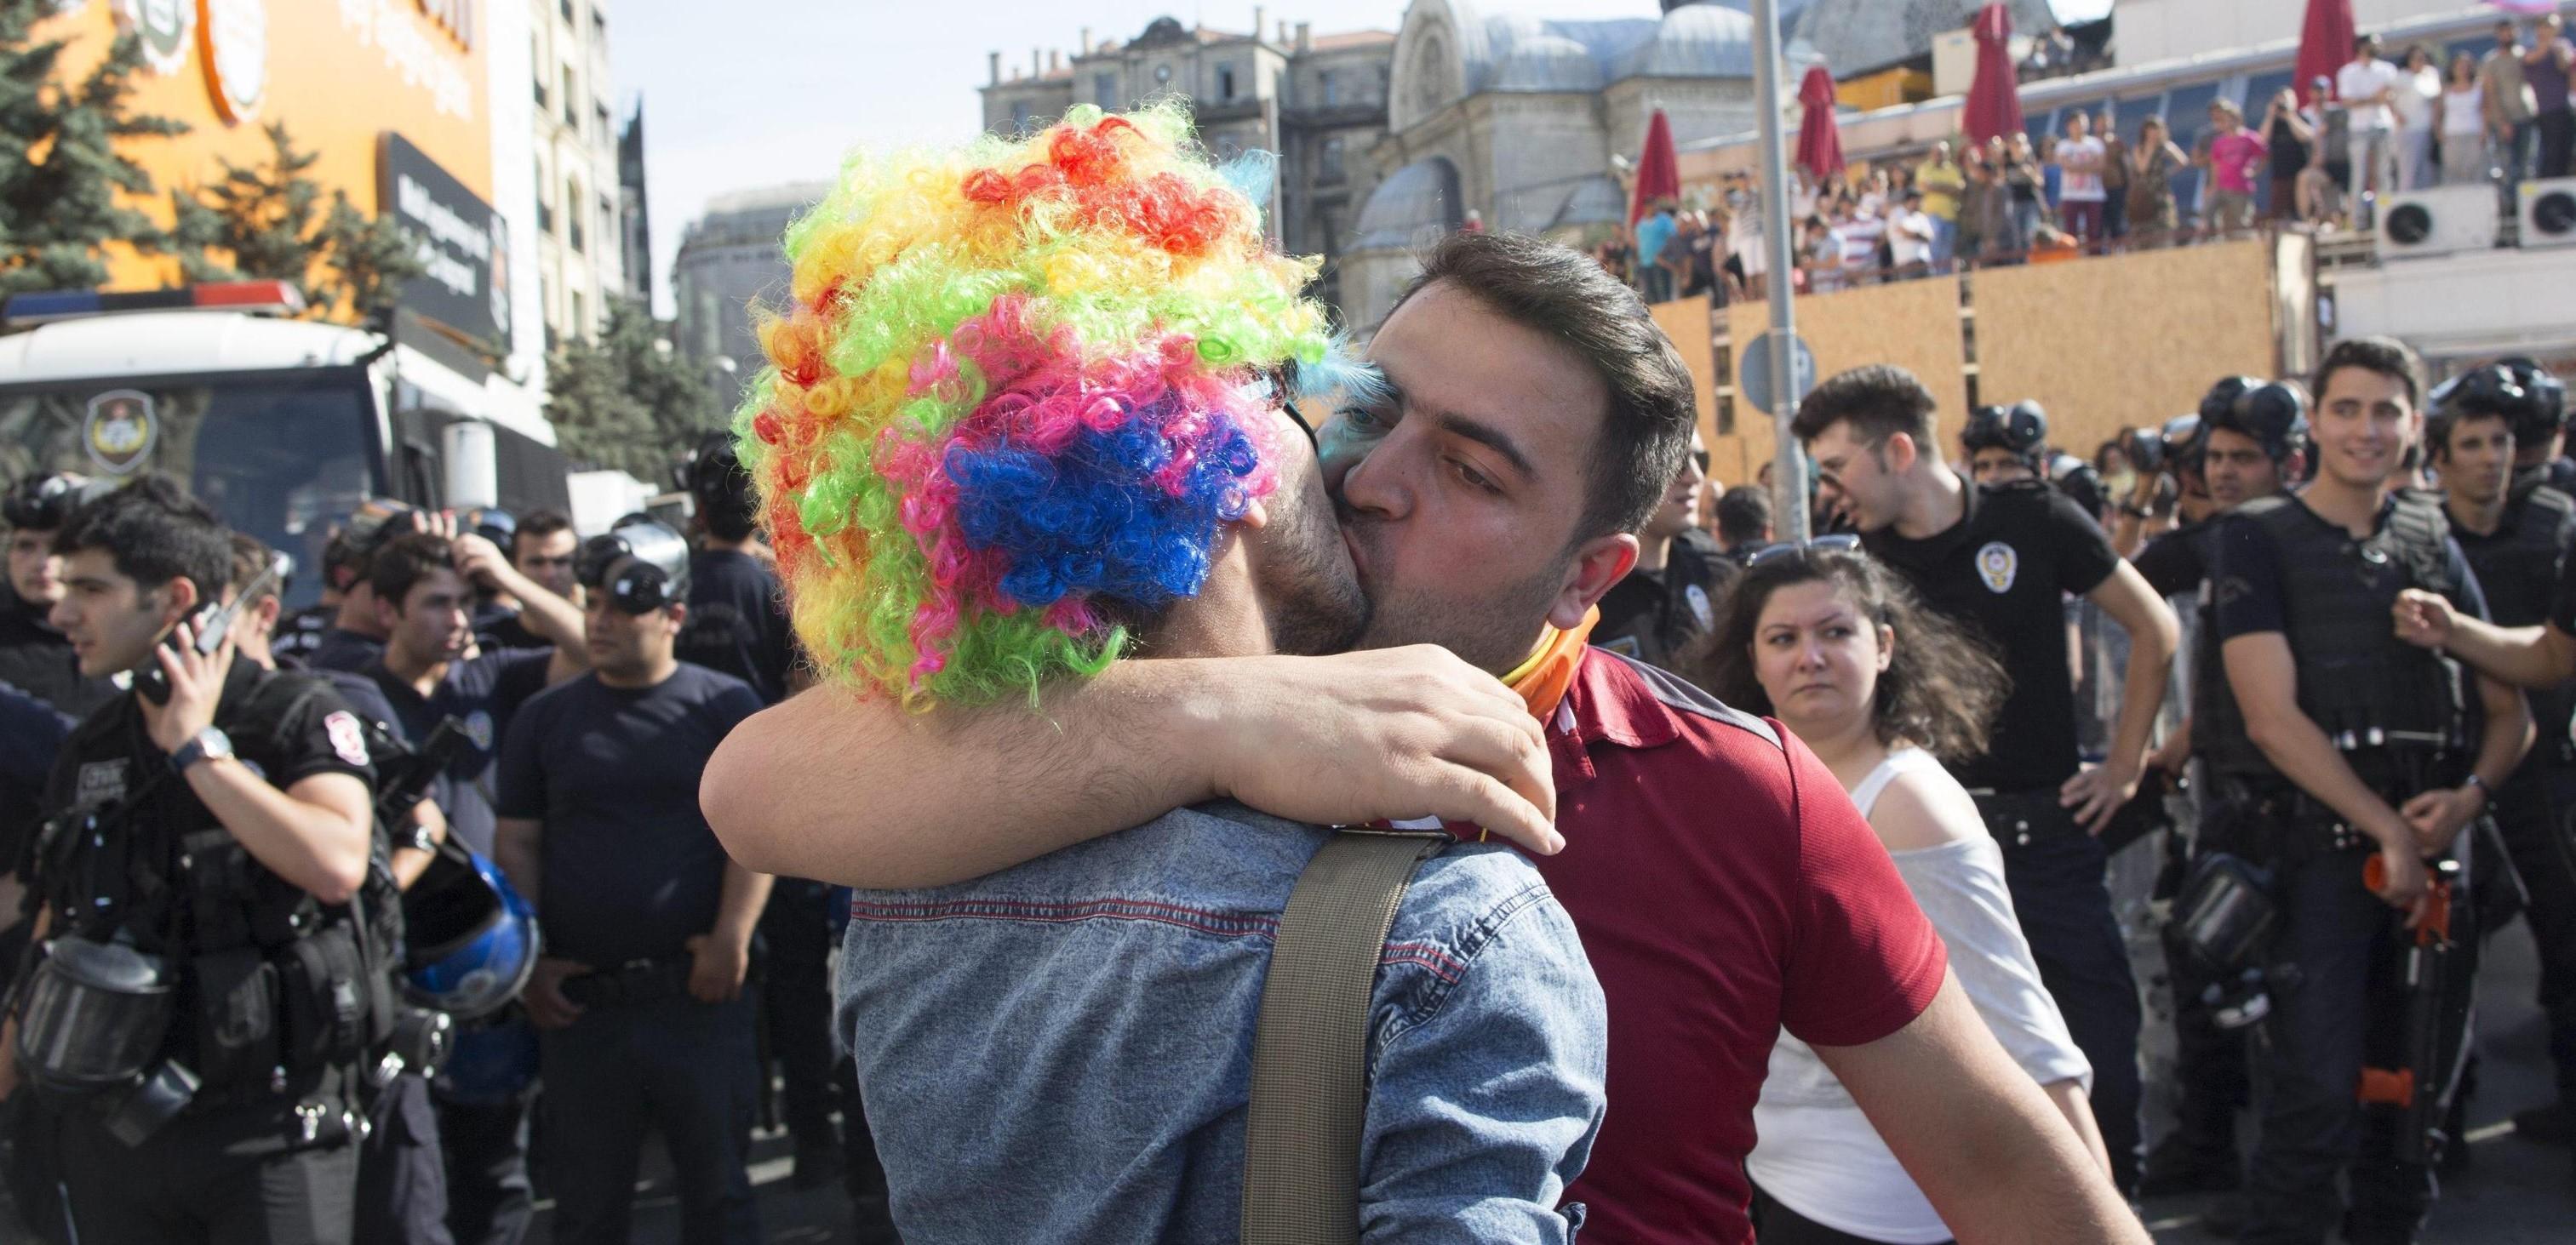 sito di incontri gay in Turchia Hookah sesso Atene